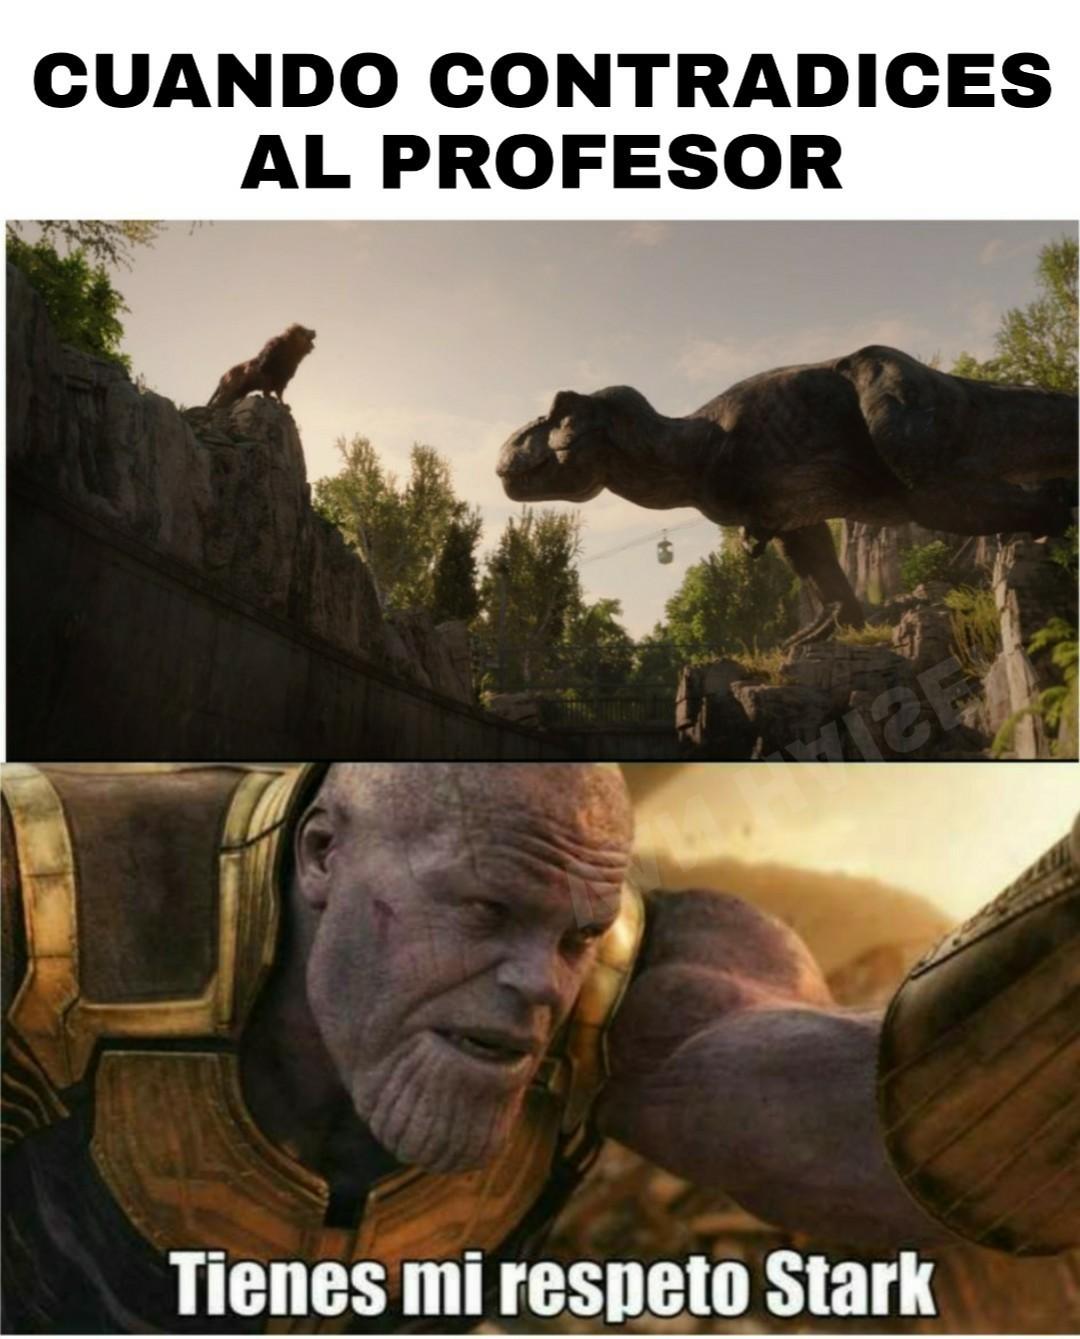 Mis respetos al rey de la selva - meme